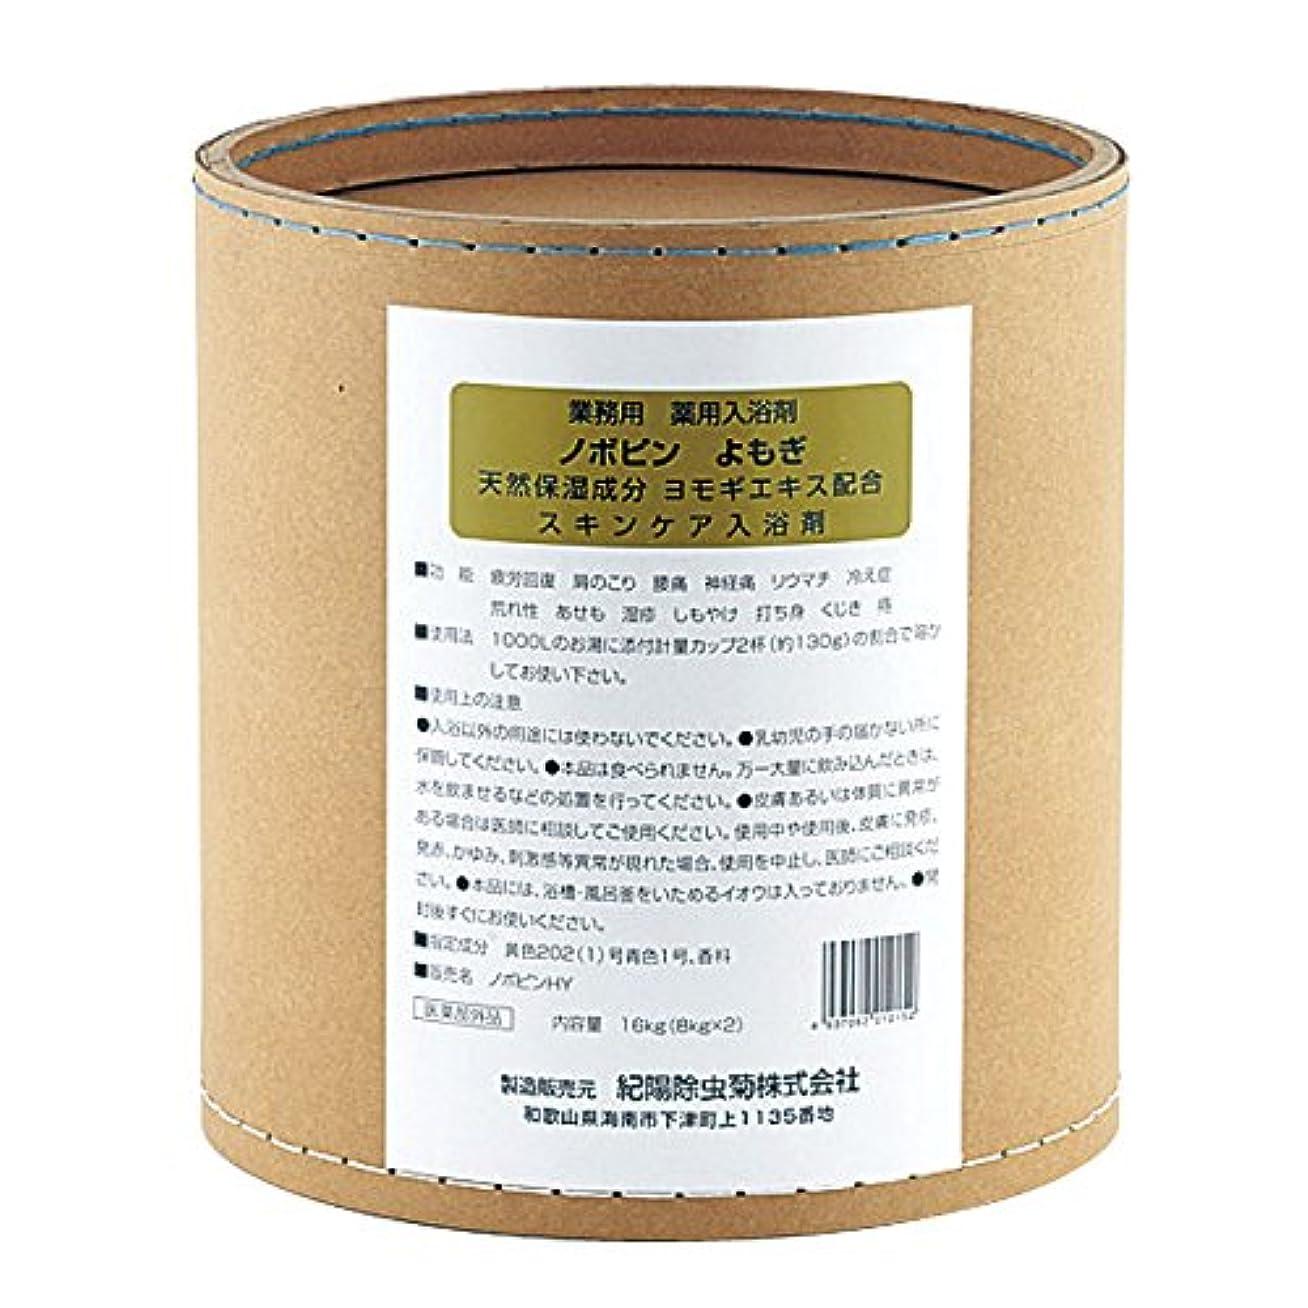 ランプ正義承認する業務用入浴剤ノボピンよもぎ16kg(8kg*2)